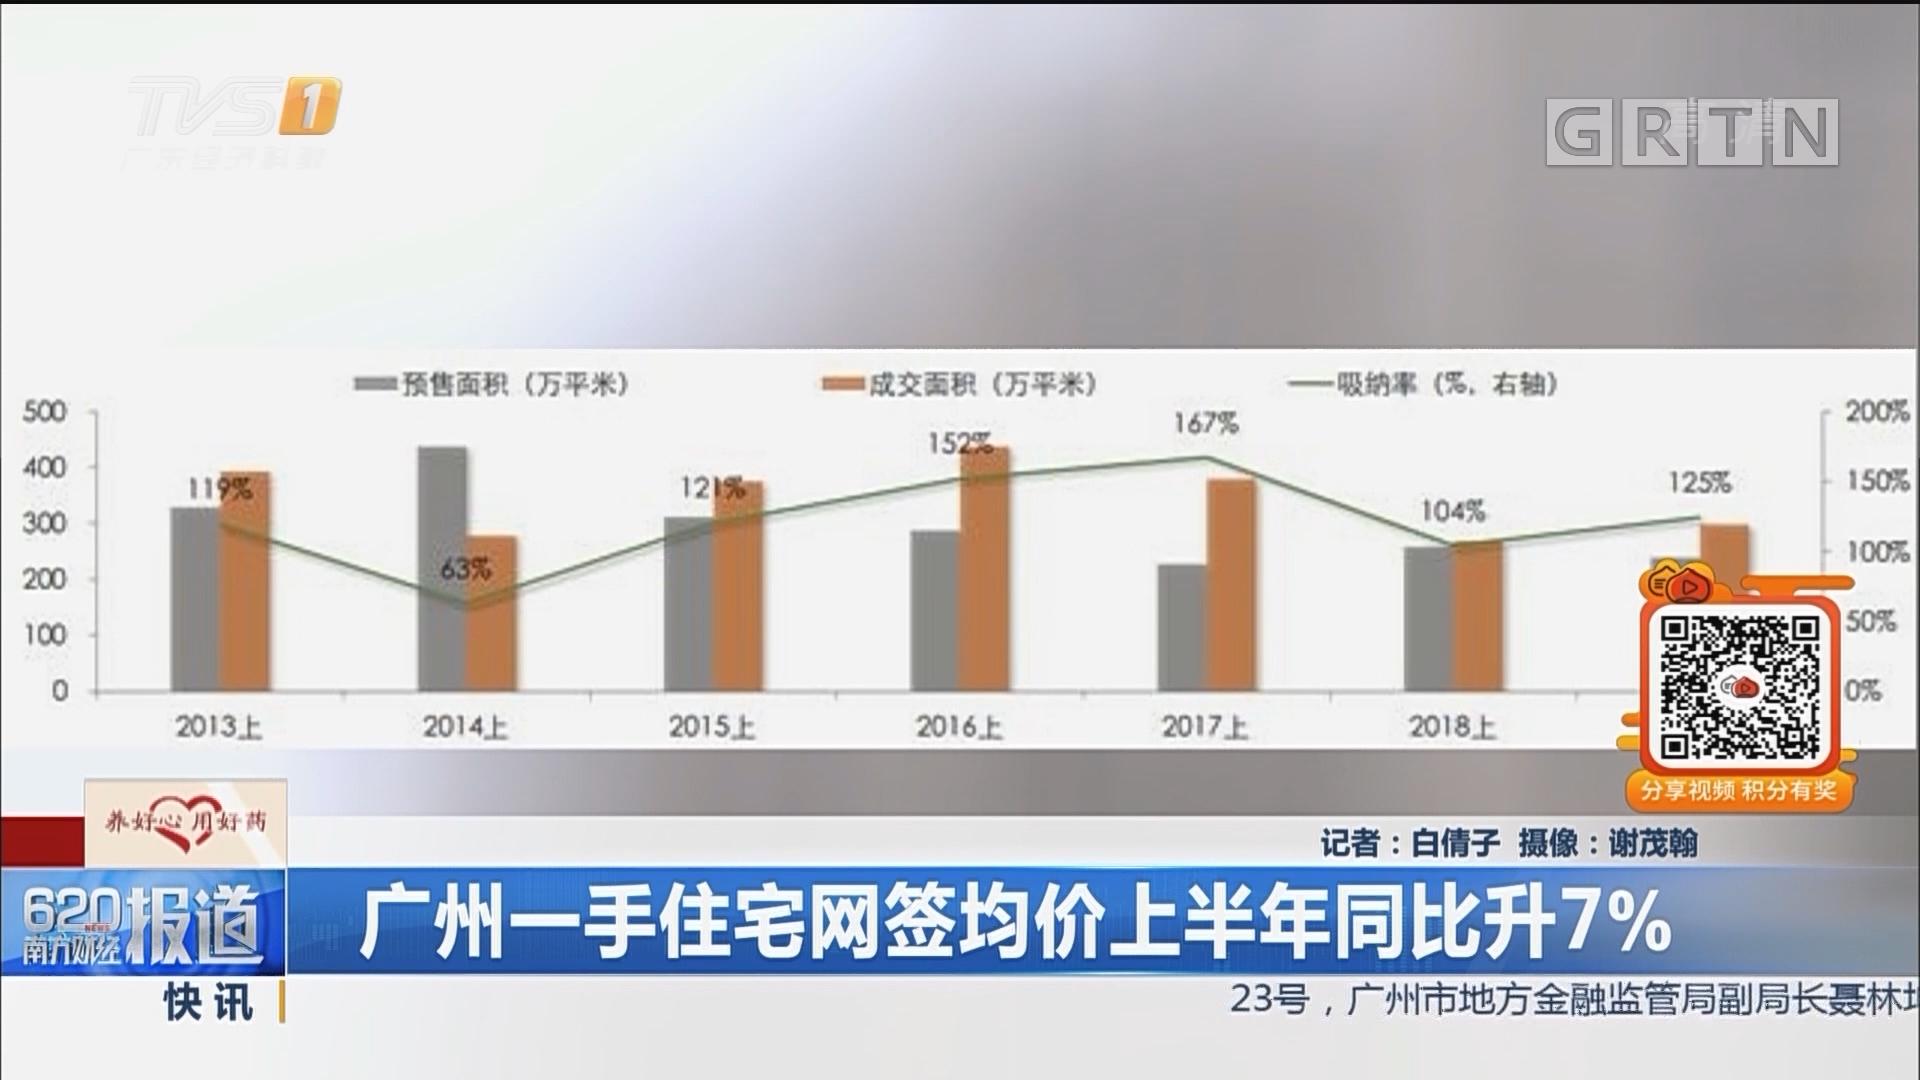 广州一手住宅网签均价上半年同比升7%